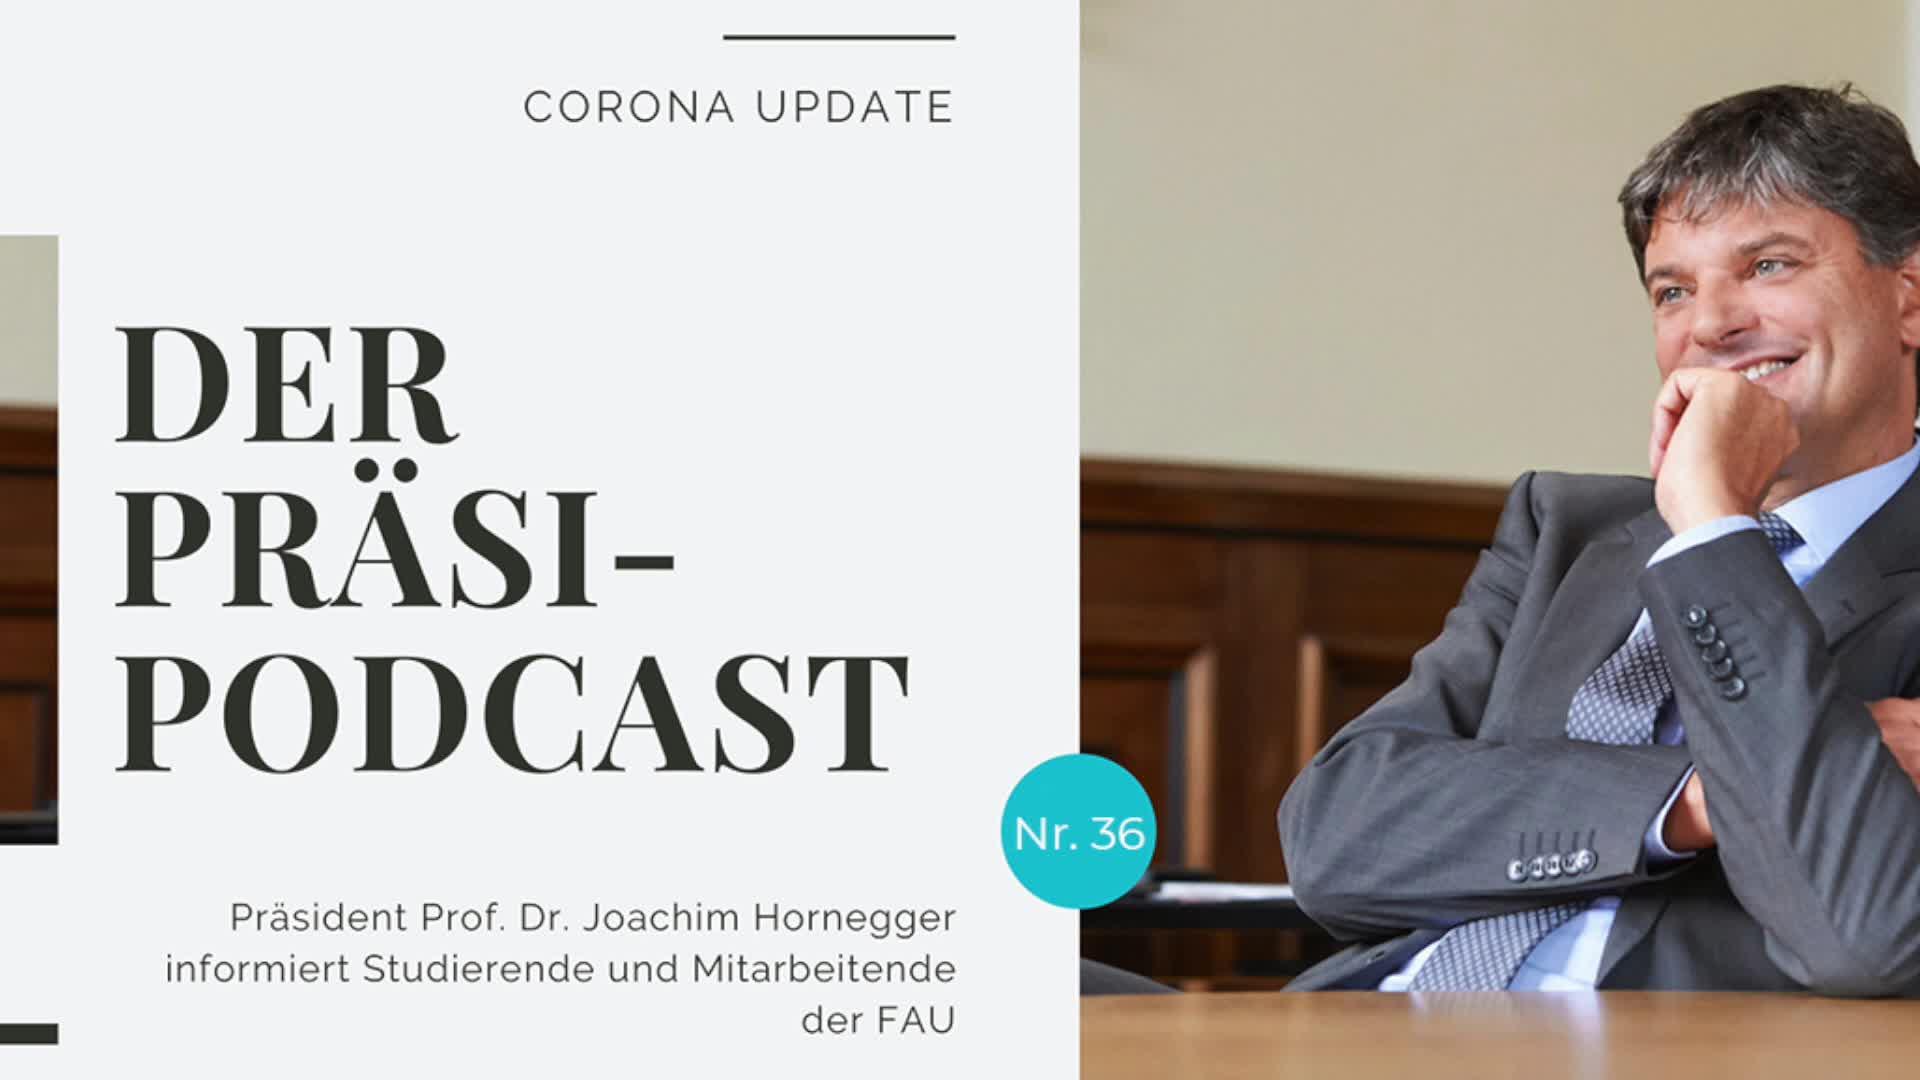 """""""Der Präsi-Podcast"""" vom 12. Januar 2021 preview image"""